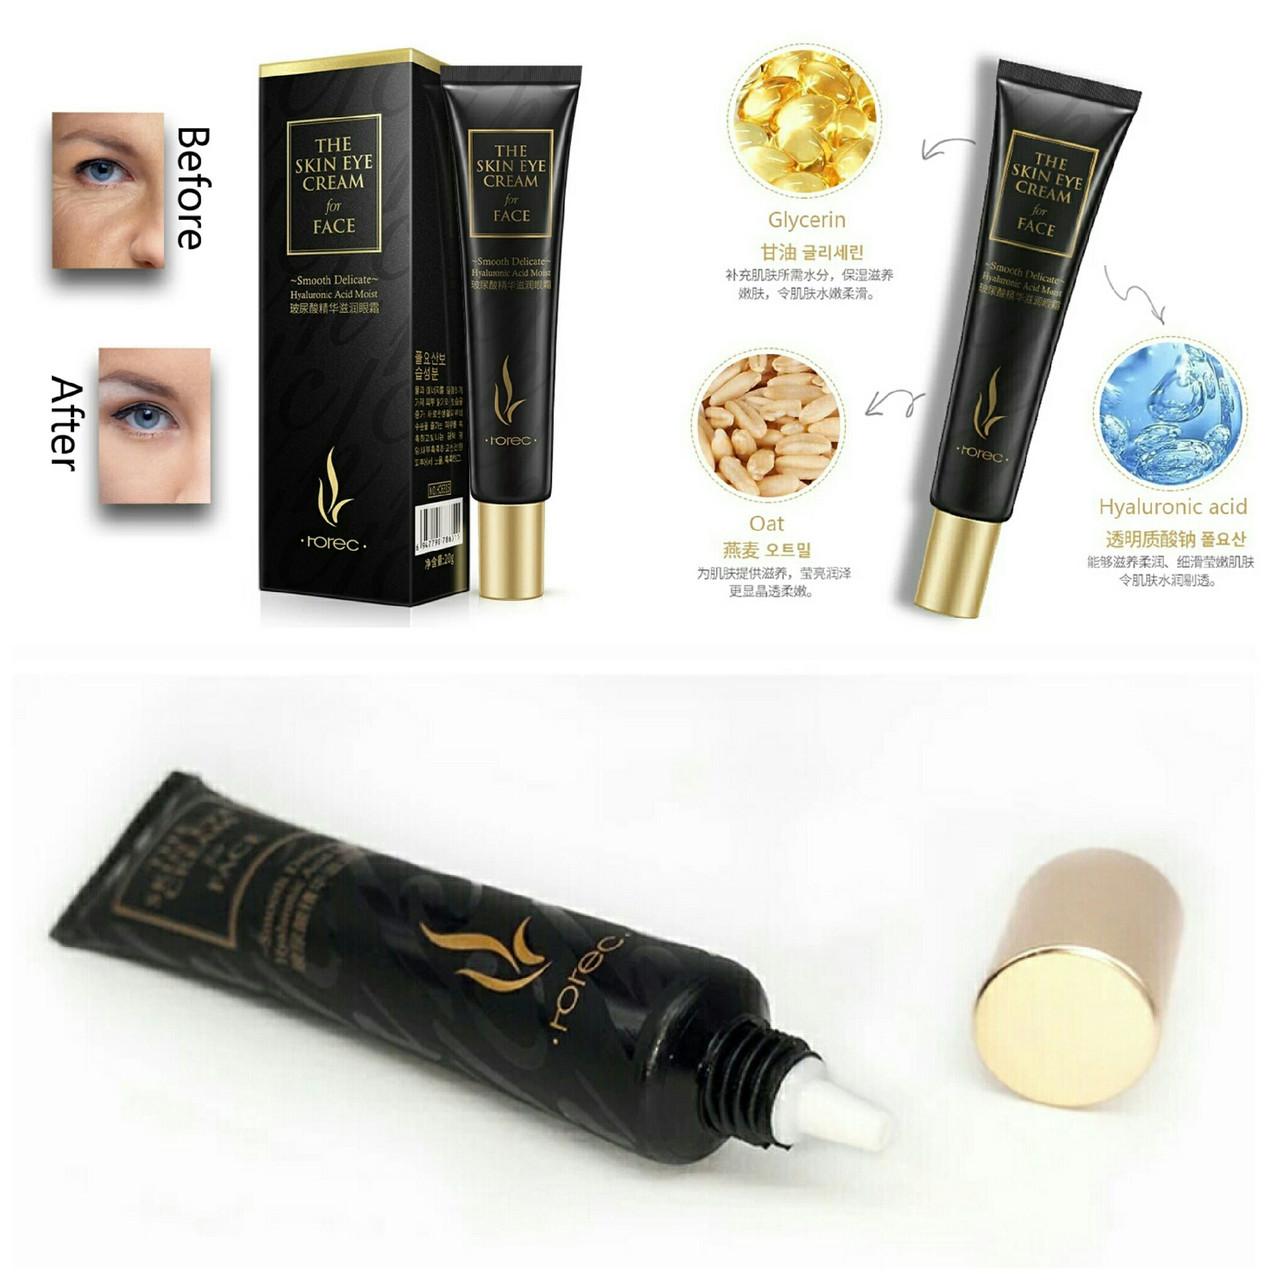 Крем для кожи вокруг глаз с гиалуроновой кислотой, против темных кругов, Rorec the skin eye cream 20g